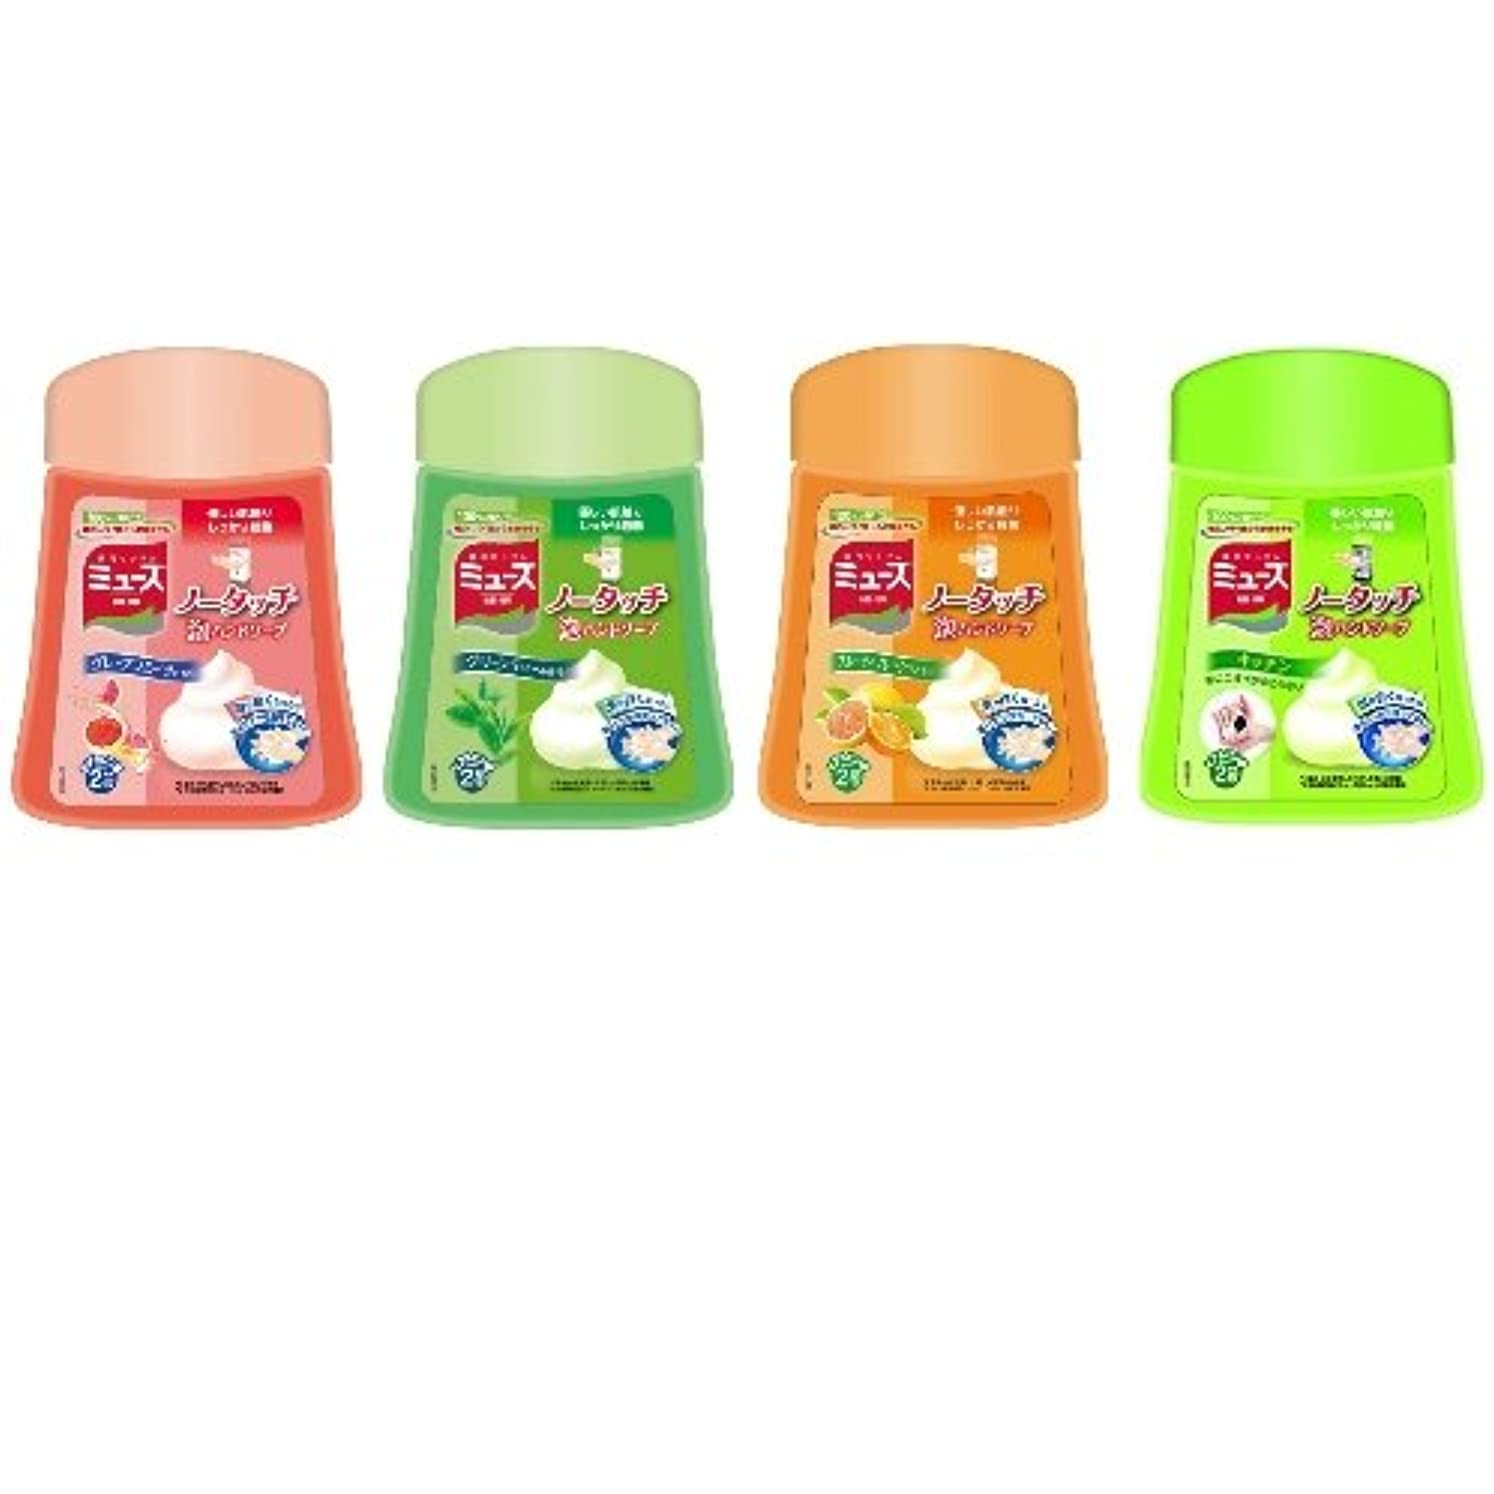 明日咽頭艦隊ミューズ ノータッチ 泡ハンドソープ 詰替え 4種の色と香りボトル 250ml×4個 薬用ハンドソープ 手洗い 殺菌 消毒